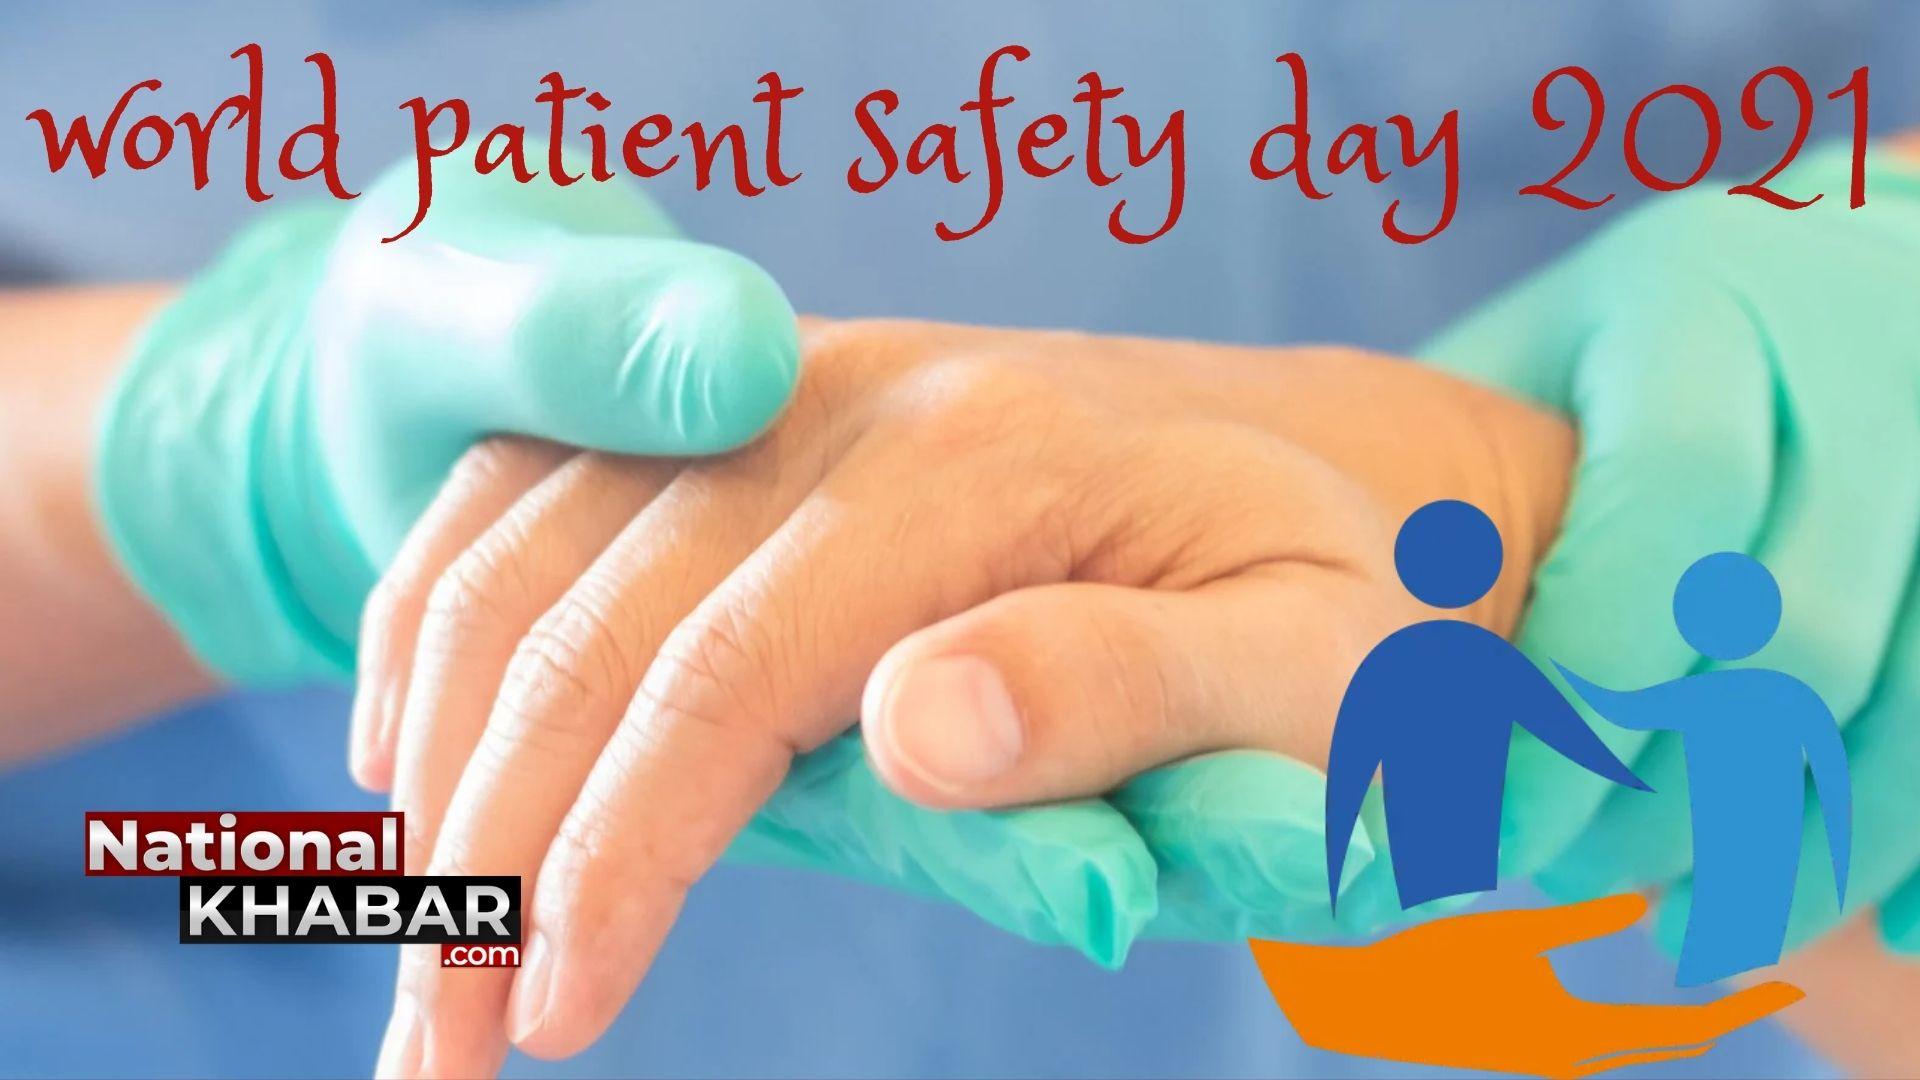 world patient safety day 2021: क्यों मनाया जाता है ये दिन?